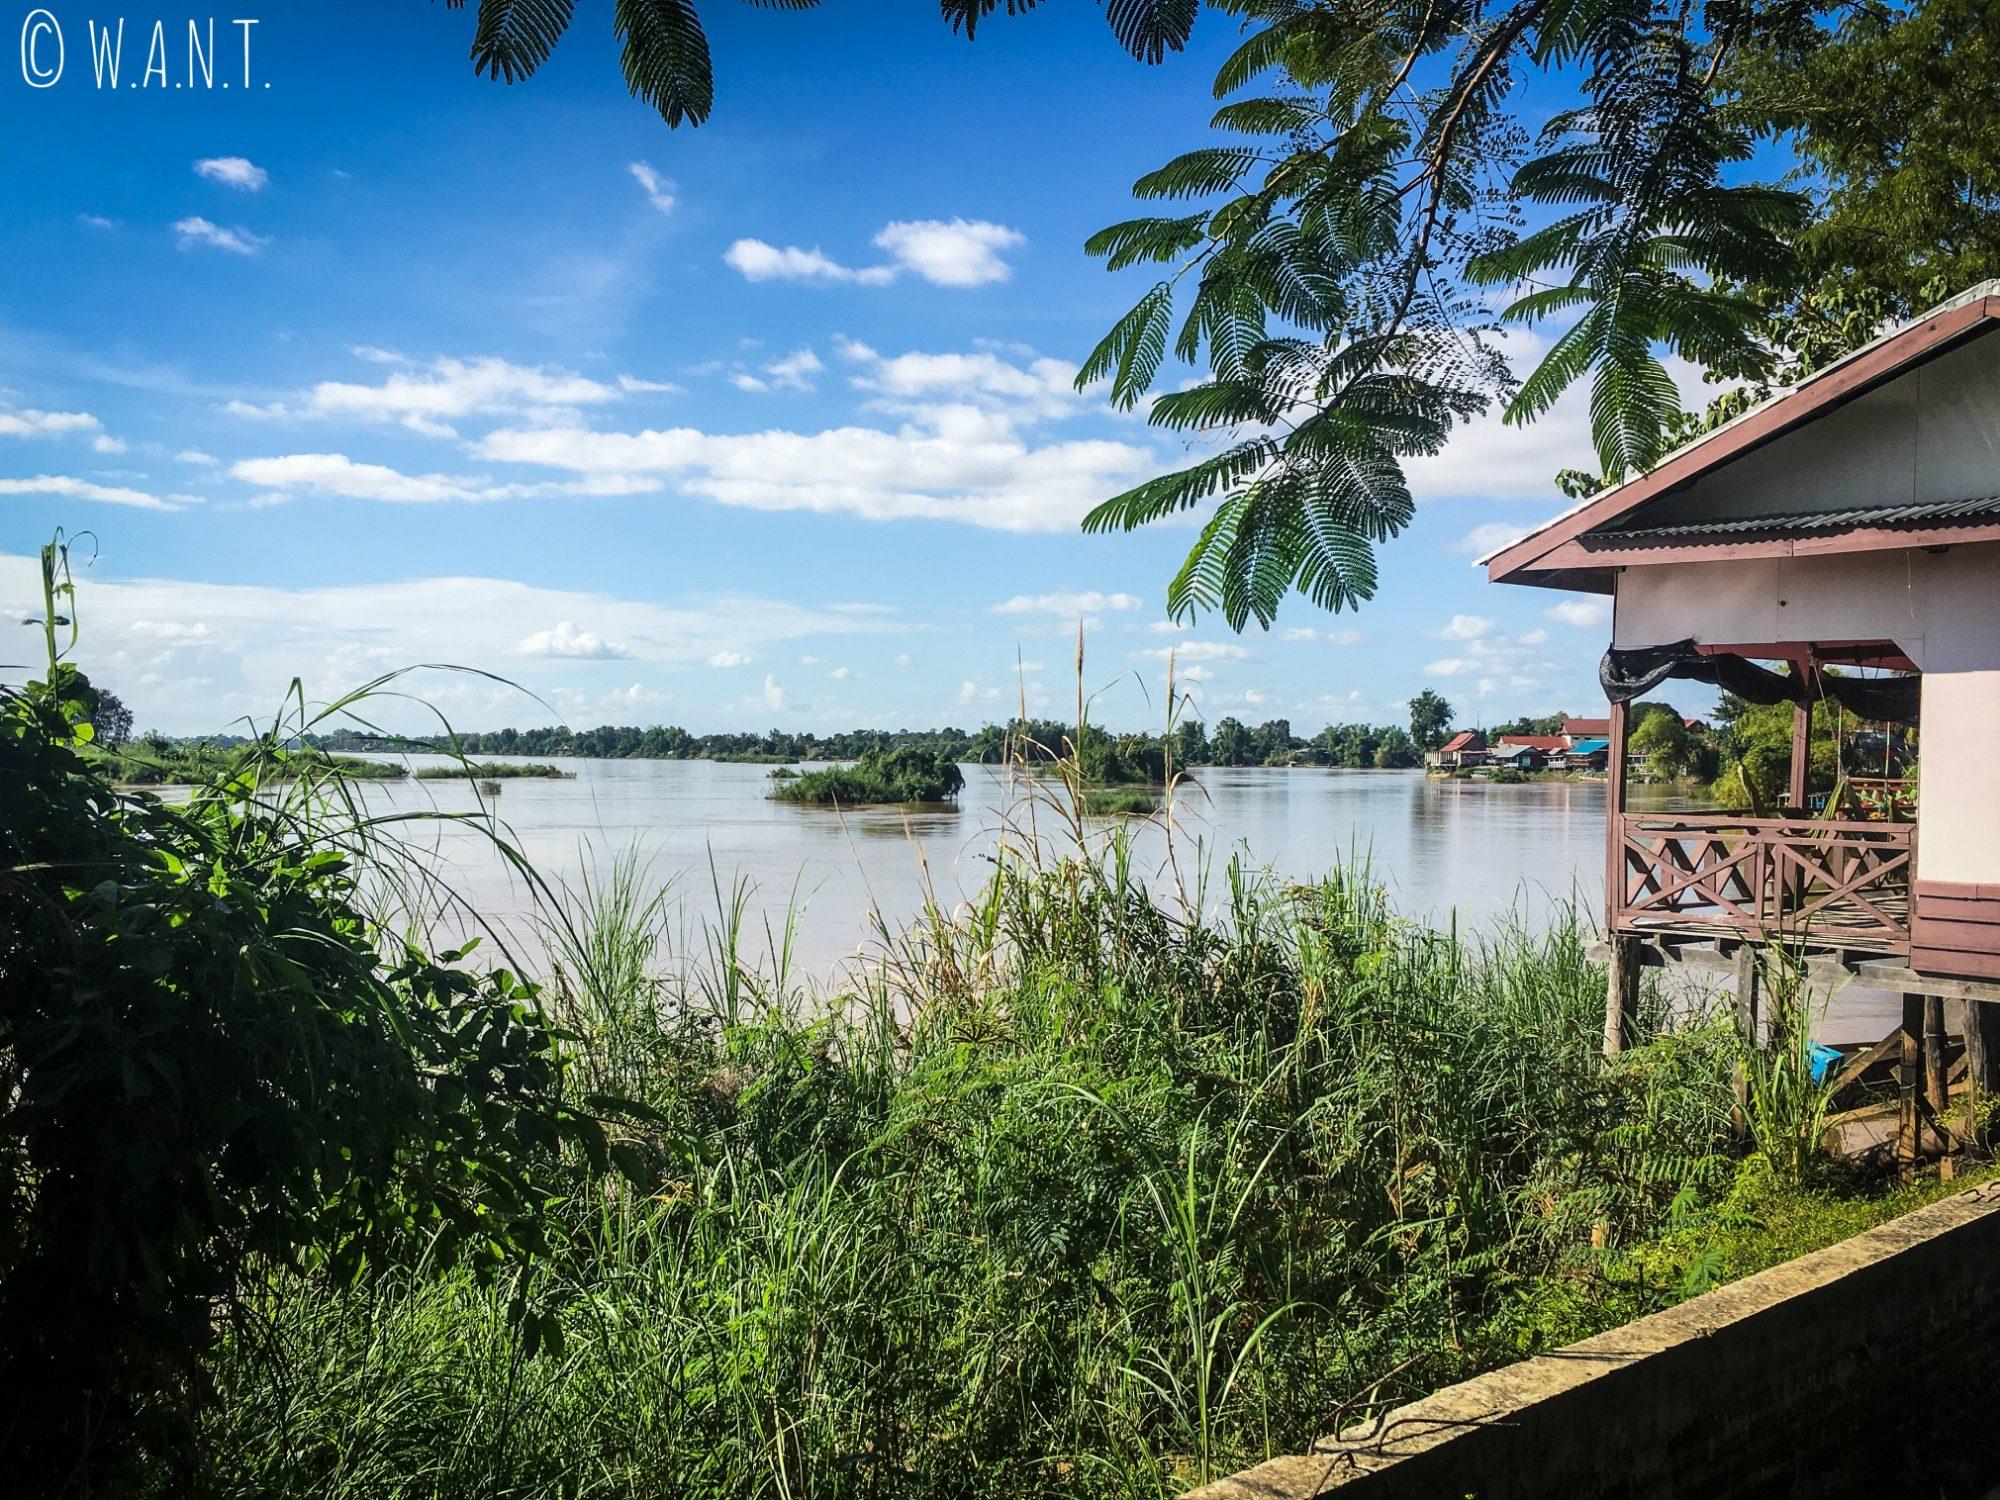 Vue sur le Mékong depuis l'île de Don Det